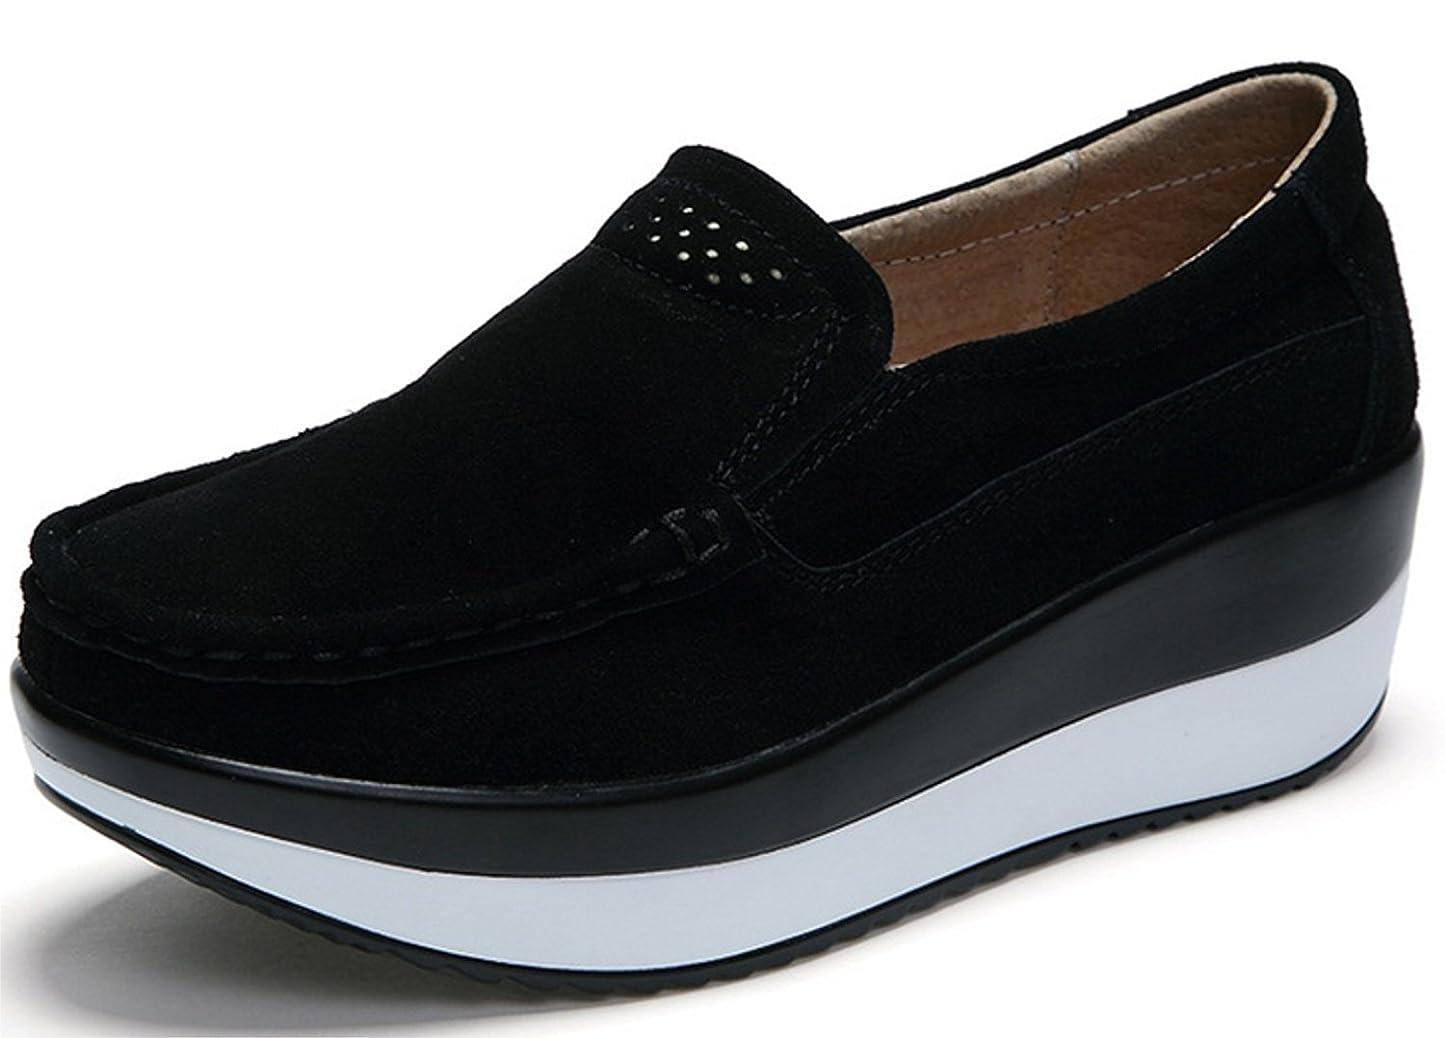 犬命令的水没(ダダウン)DADAWEN ウォーキングシューズ レディース 船型底 姿勢矯正 スニーカー 軽量 歩くやすい 疲れにくい 厚底 婦人靴 22.5~27cm